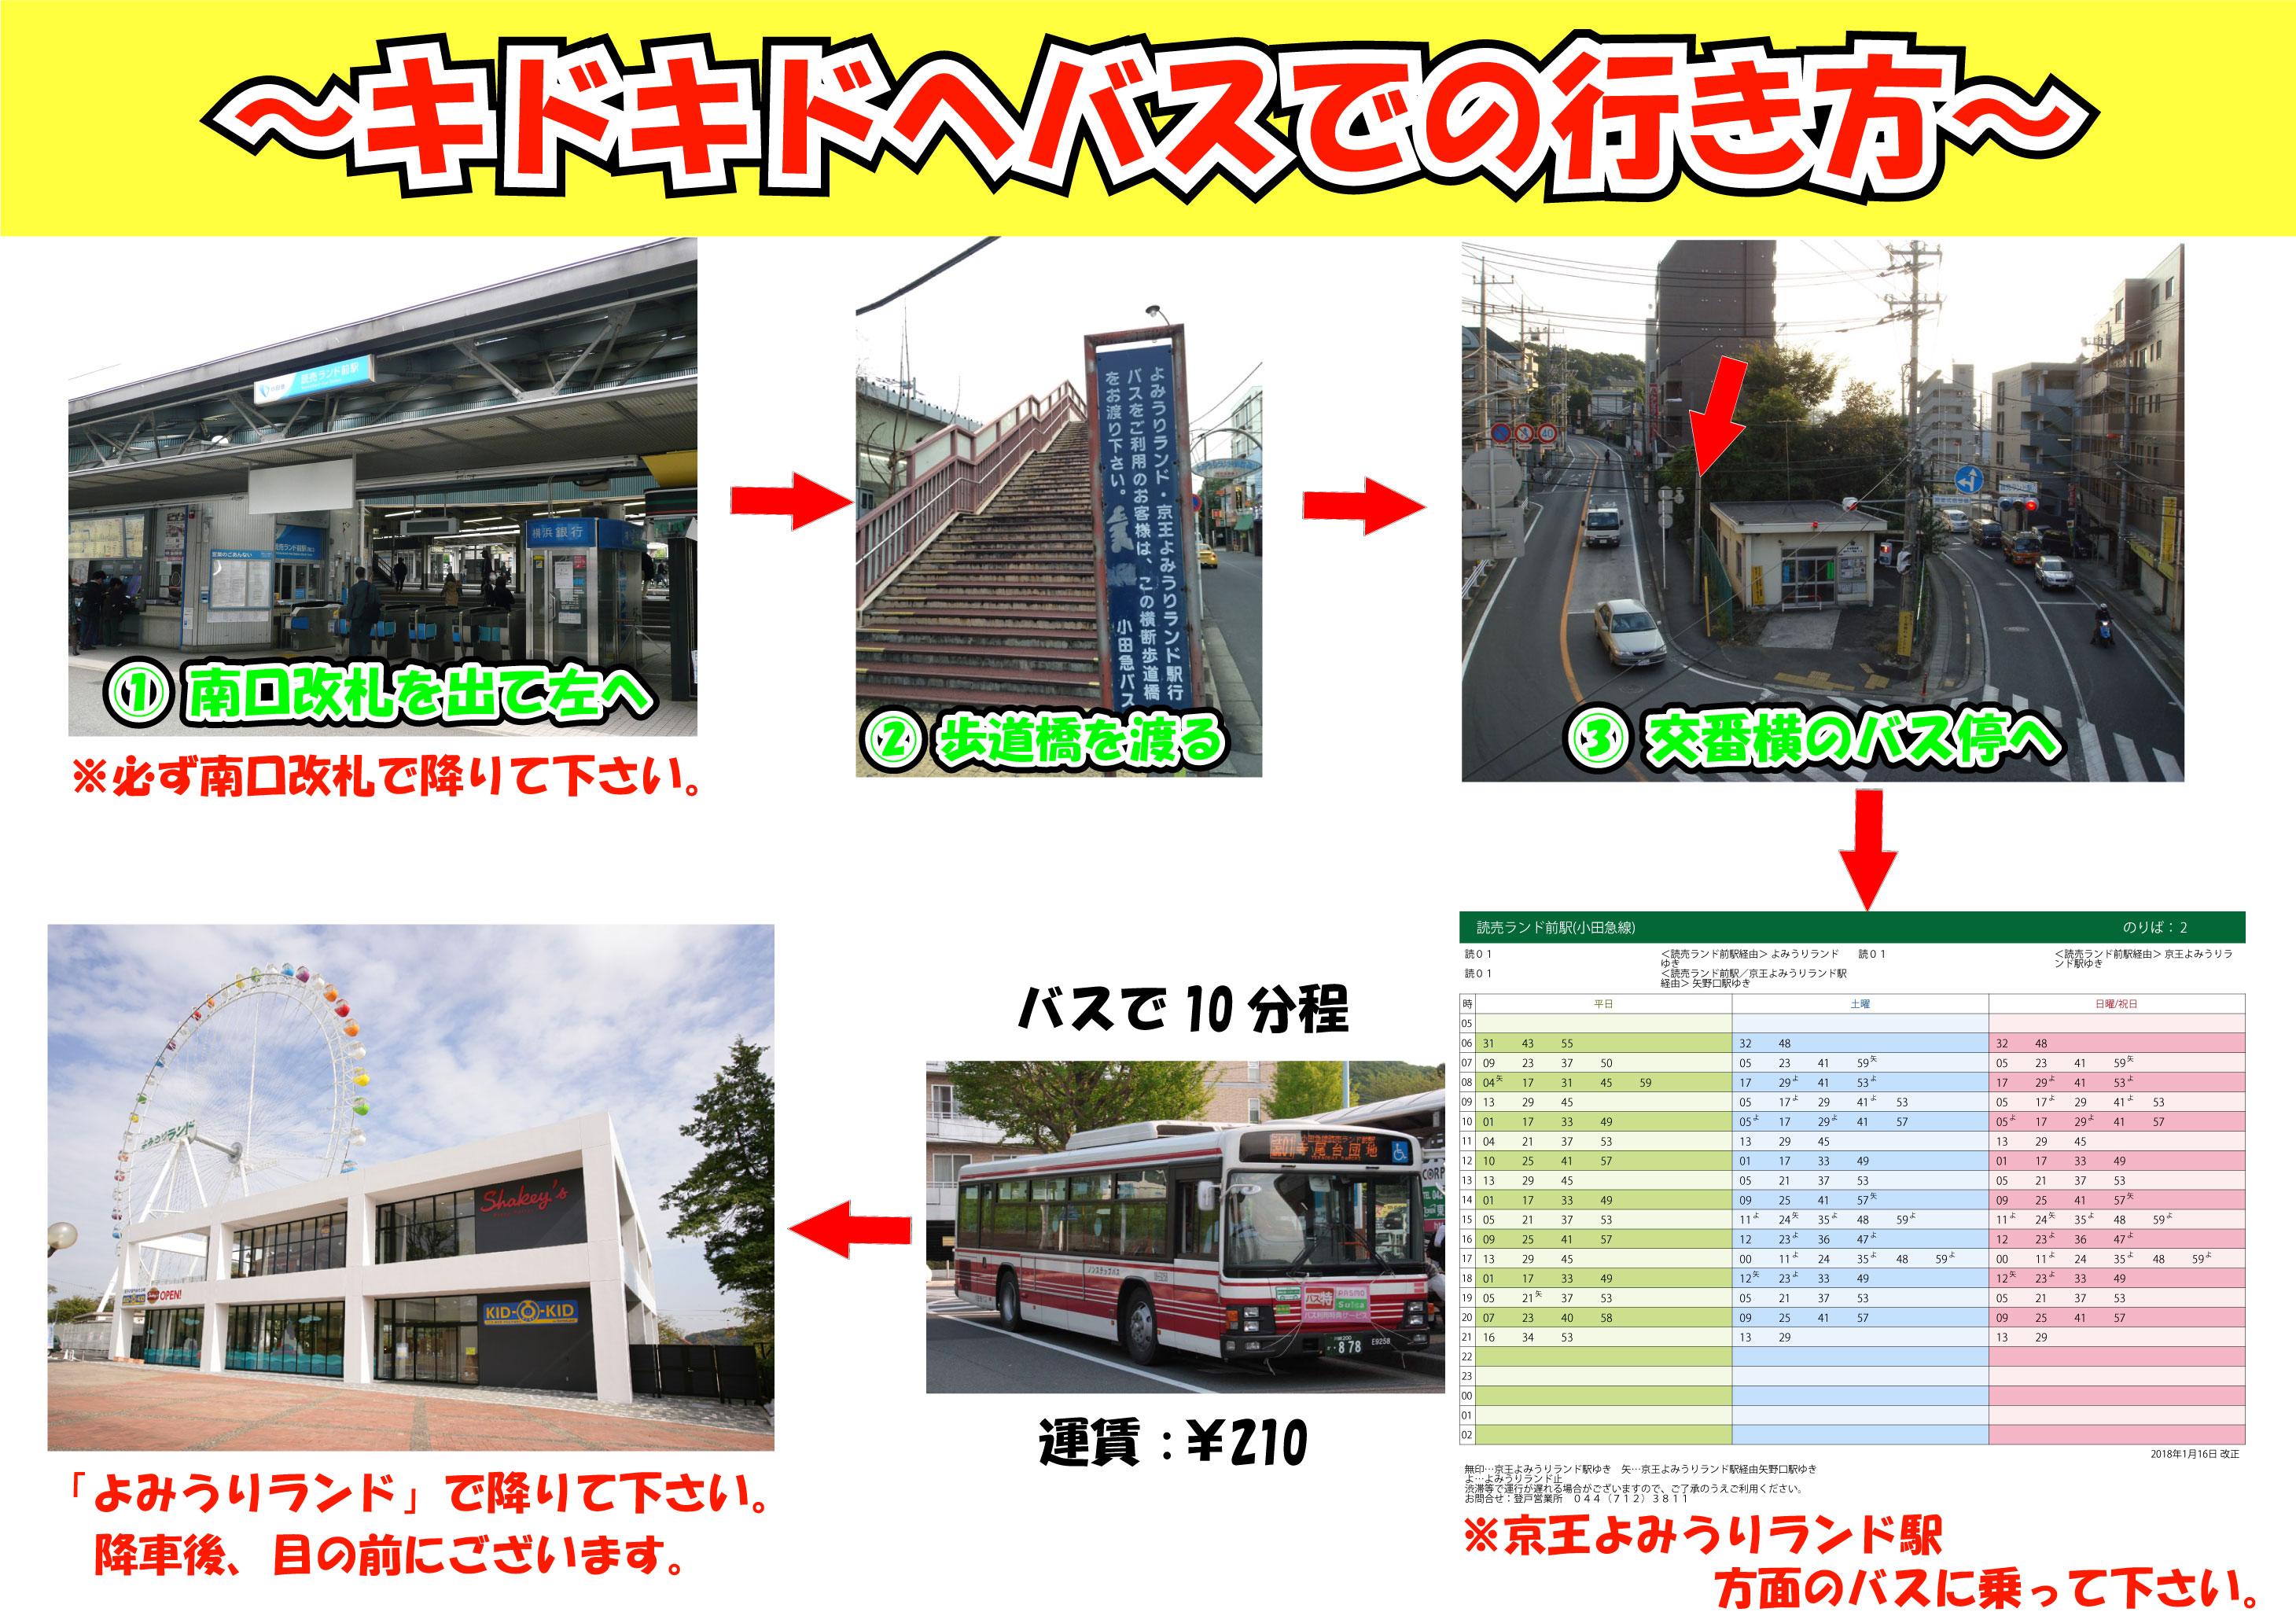 読売ランド前駅 バス行き方マップ